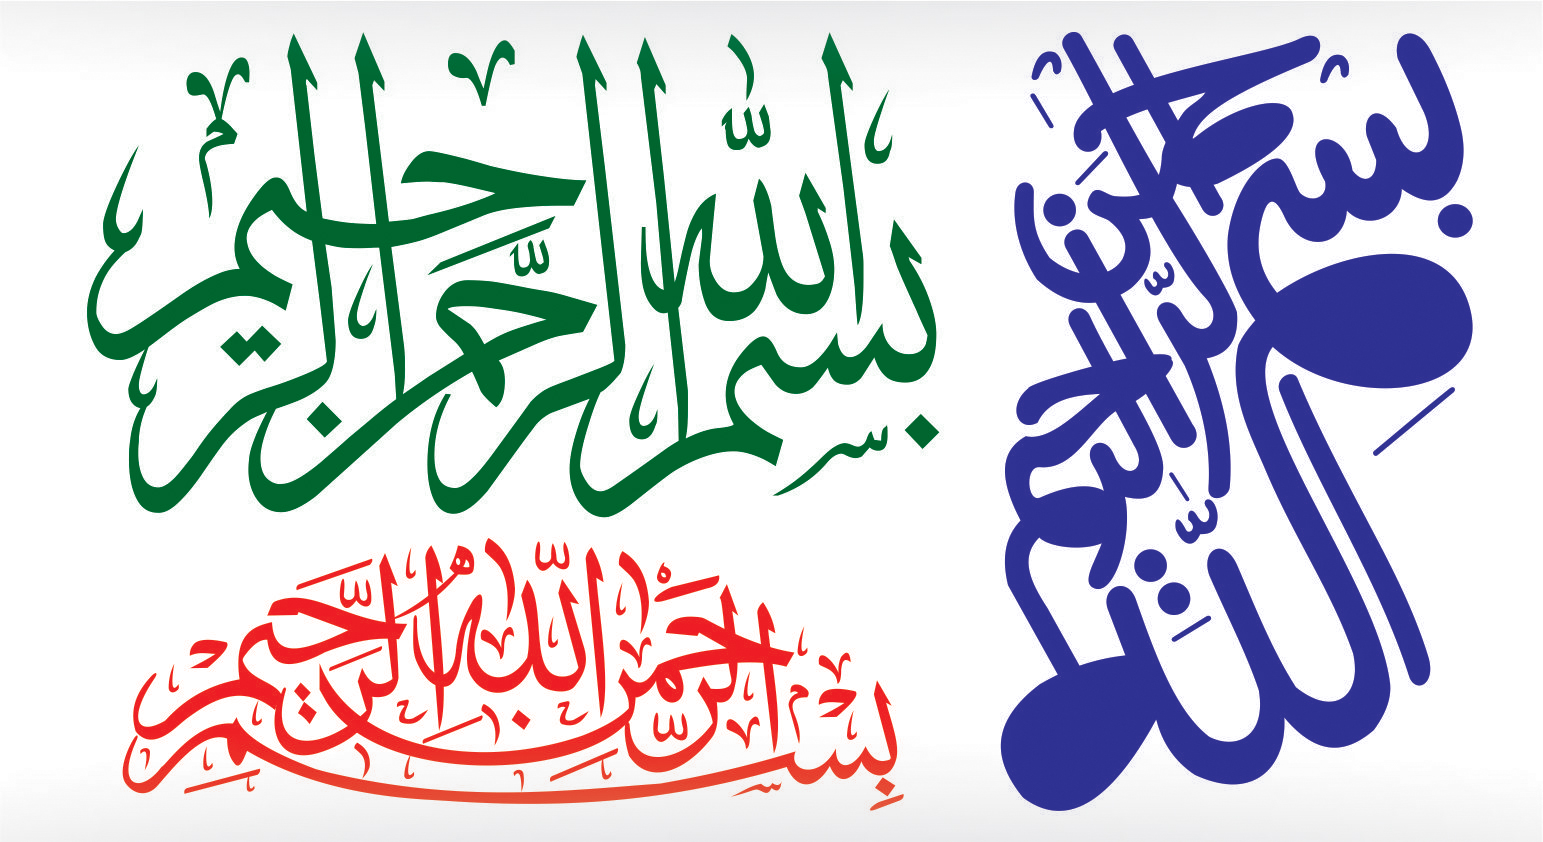 Calendar Design Cdr File Free Download : Bismillah png images free download cdr files